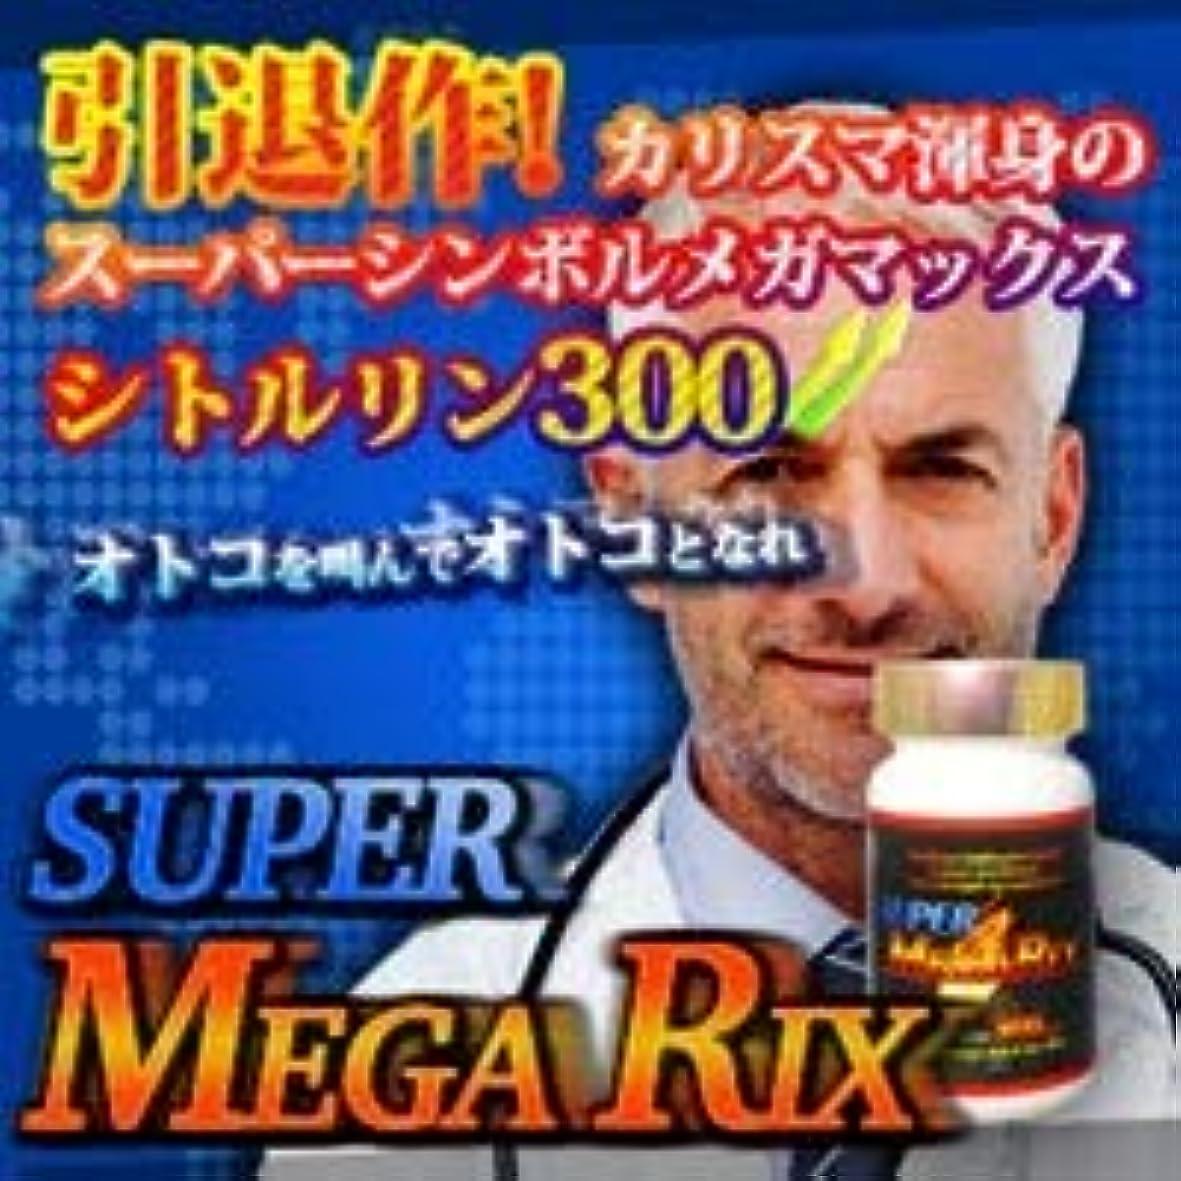 散る検出思慮深いサイオ Super Megarix(スーパーメガリクス)120錠 特別価格120錠×3個セット